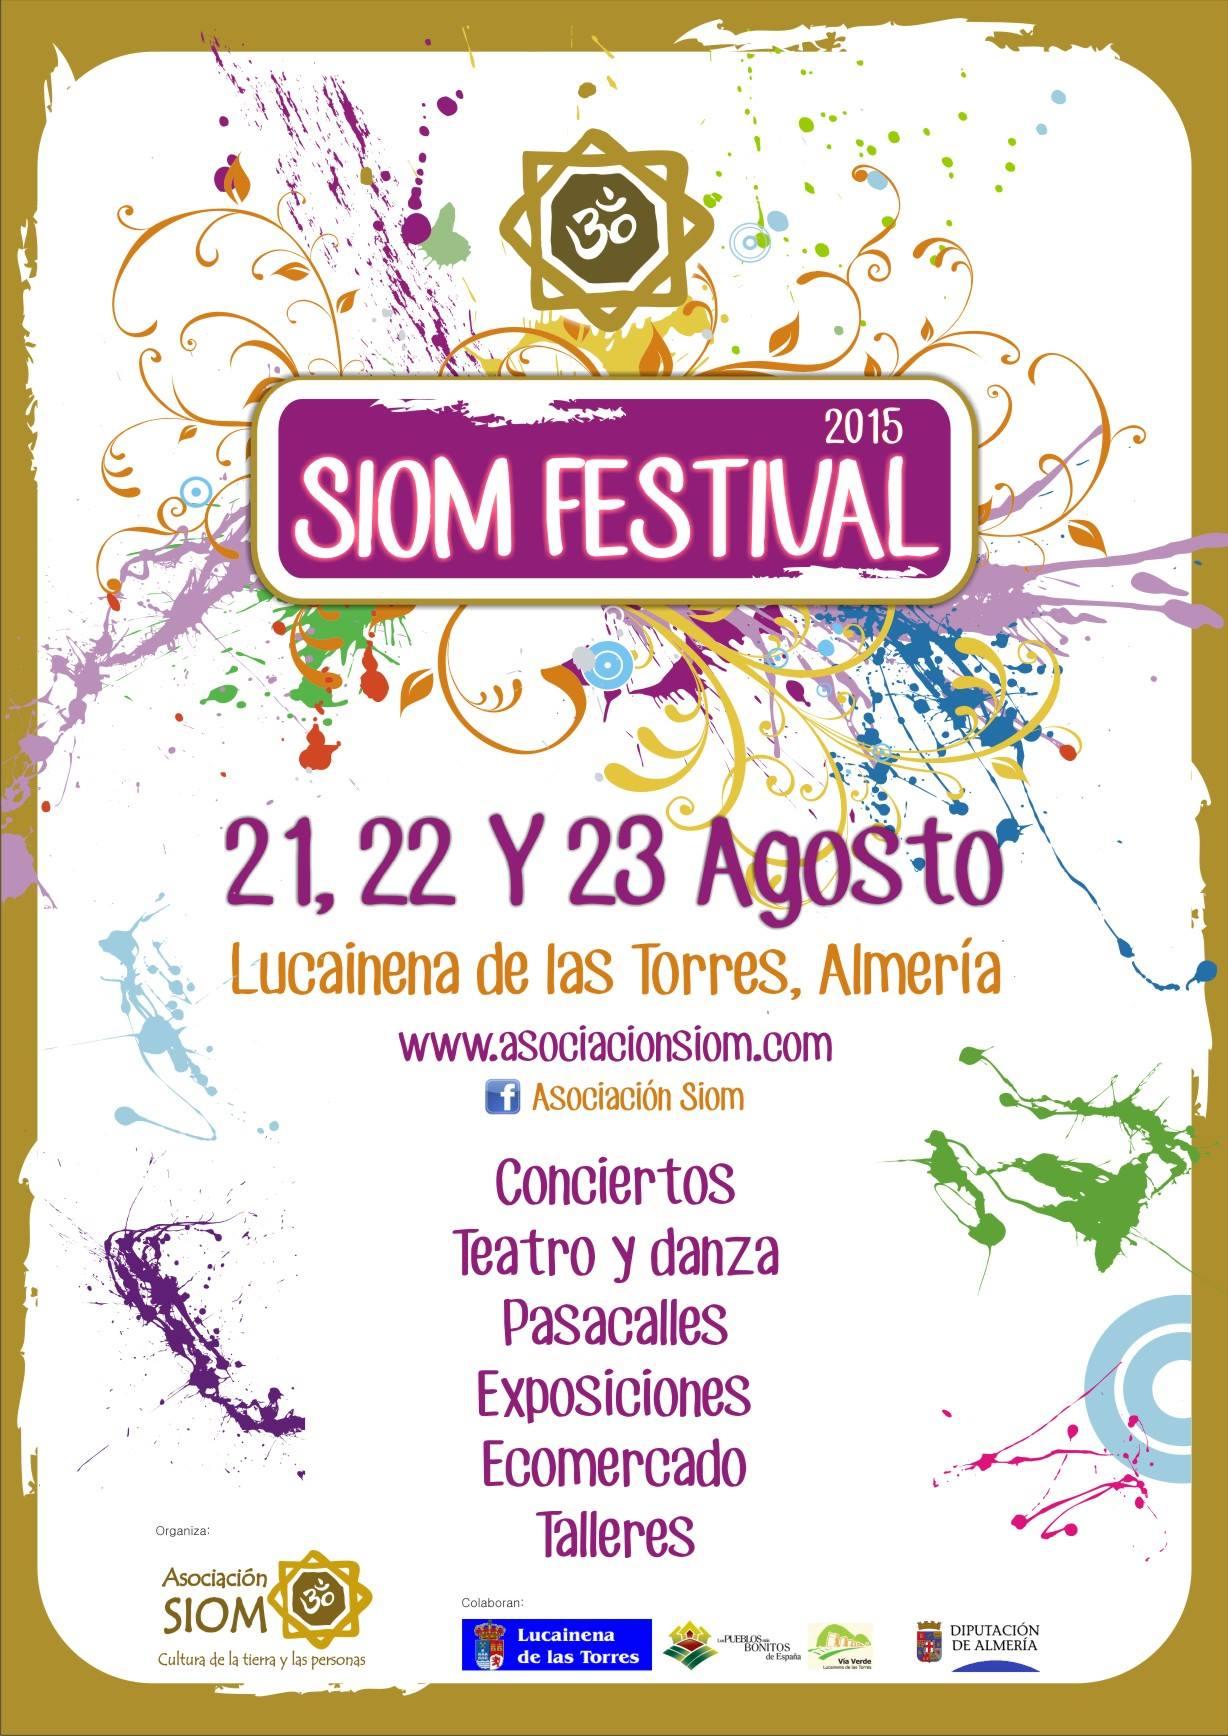 SIOM FESTIVAL 2015